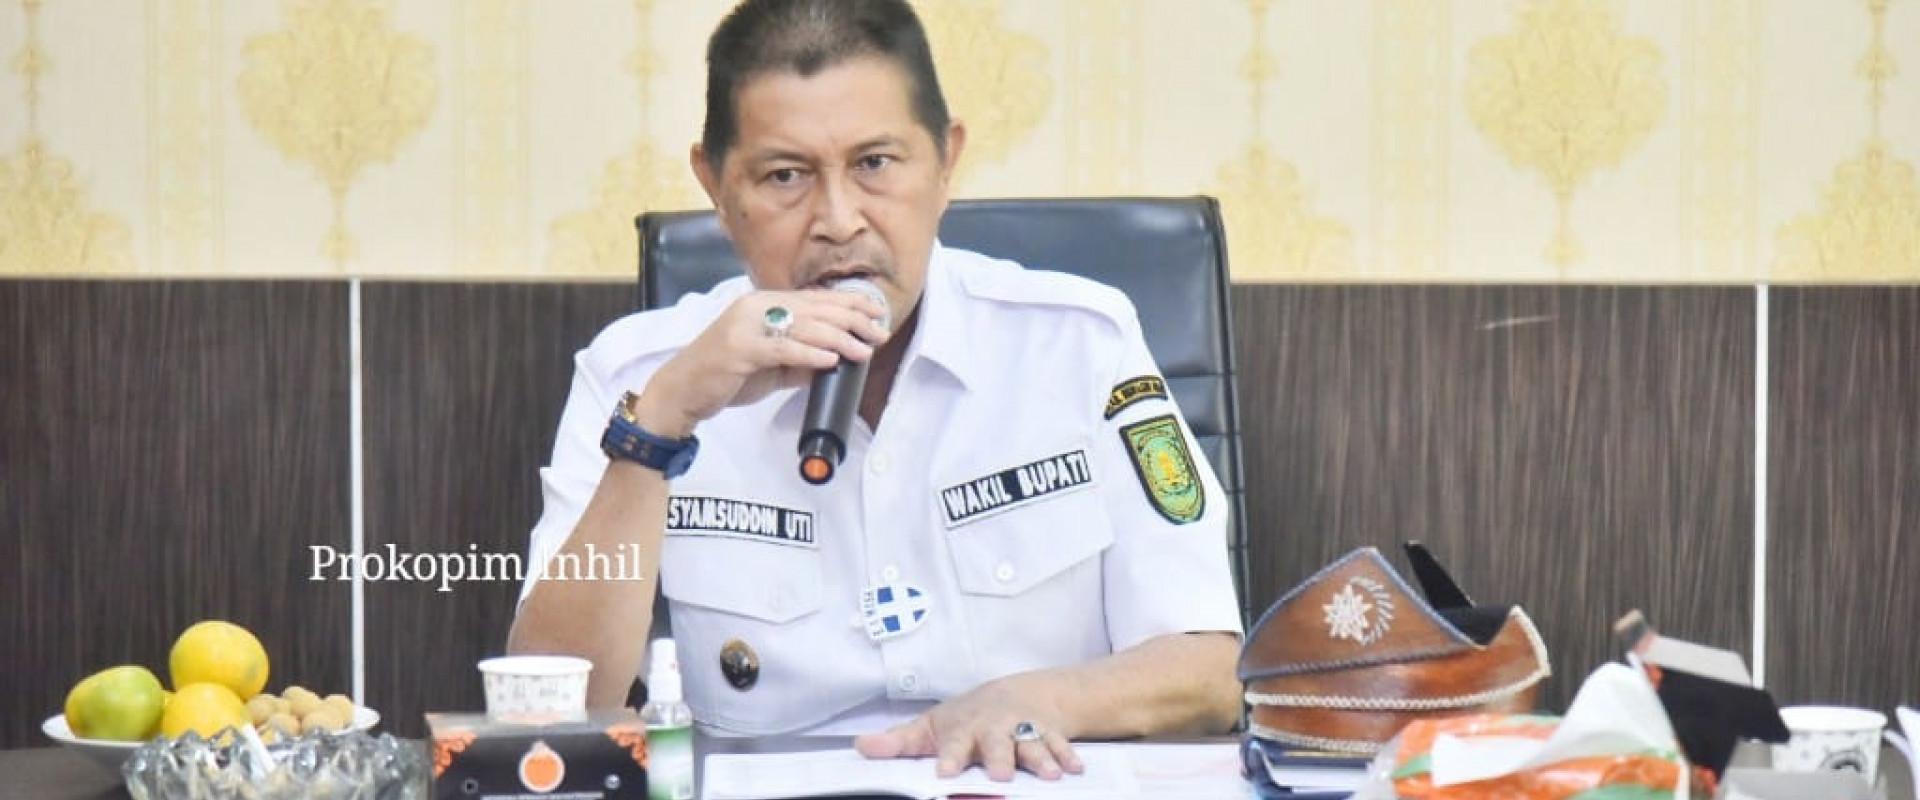 Terima kunjungan FPK provinsi riau, wabup Inhil : semoga hubungan antara FPK provinsi dan FPK Inhil tetap terjalin erat